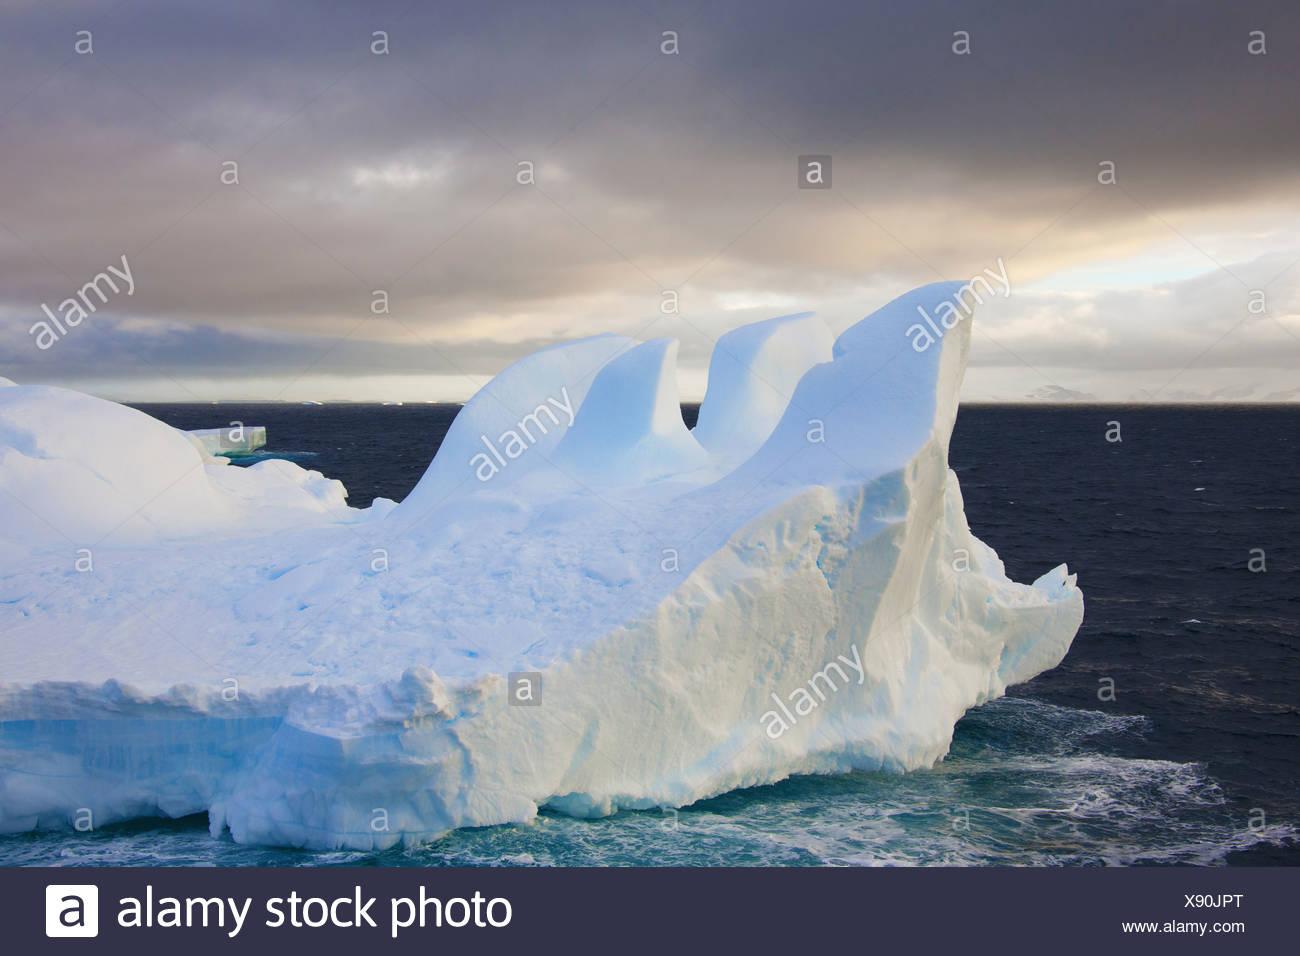 Les icebergs flottant sur les océans du Sud Antarctique érodées par le vent et le temps de créer des formes intéressantes Banque D'Images